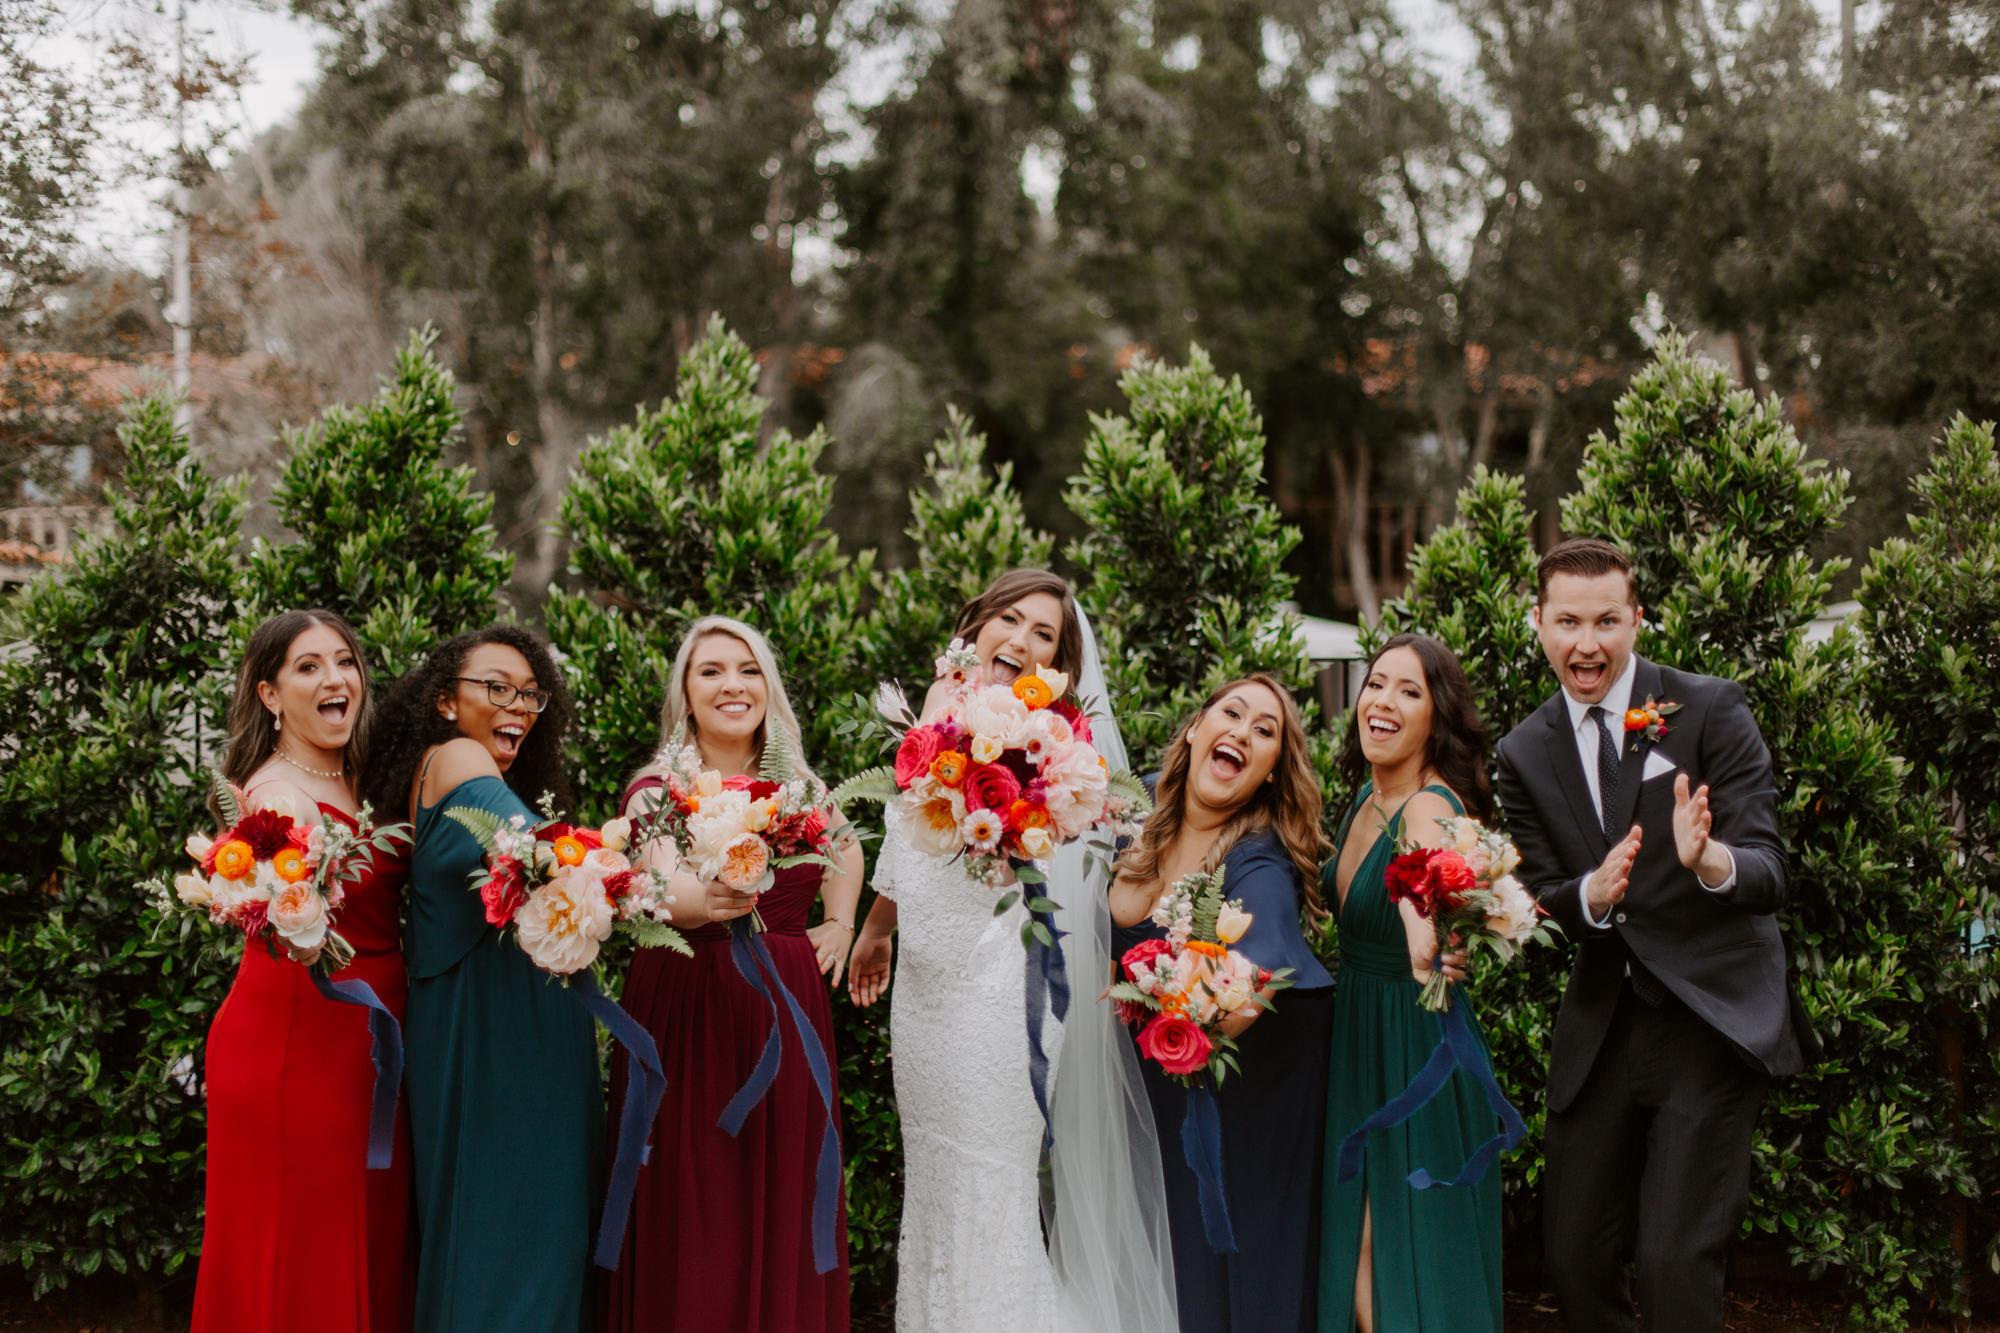 Rancho bernardo Inn san deigo wedding photography0040.jpg